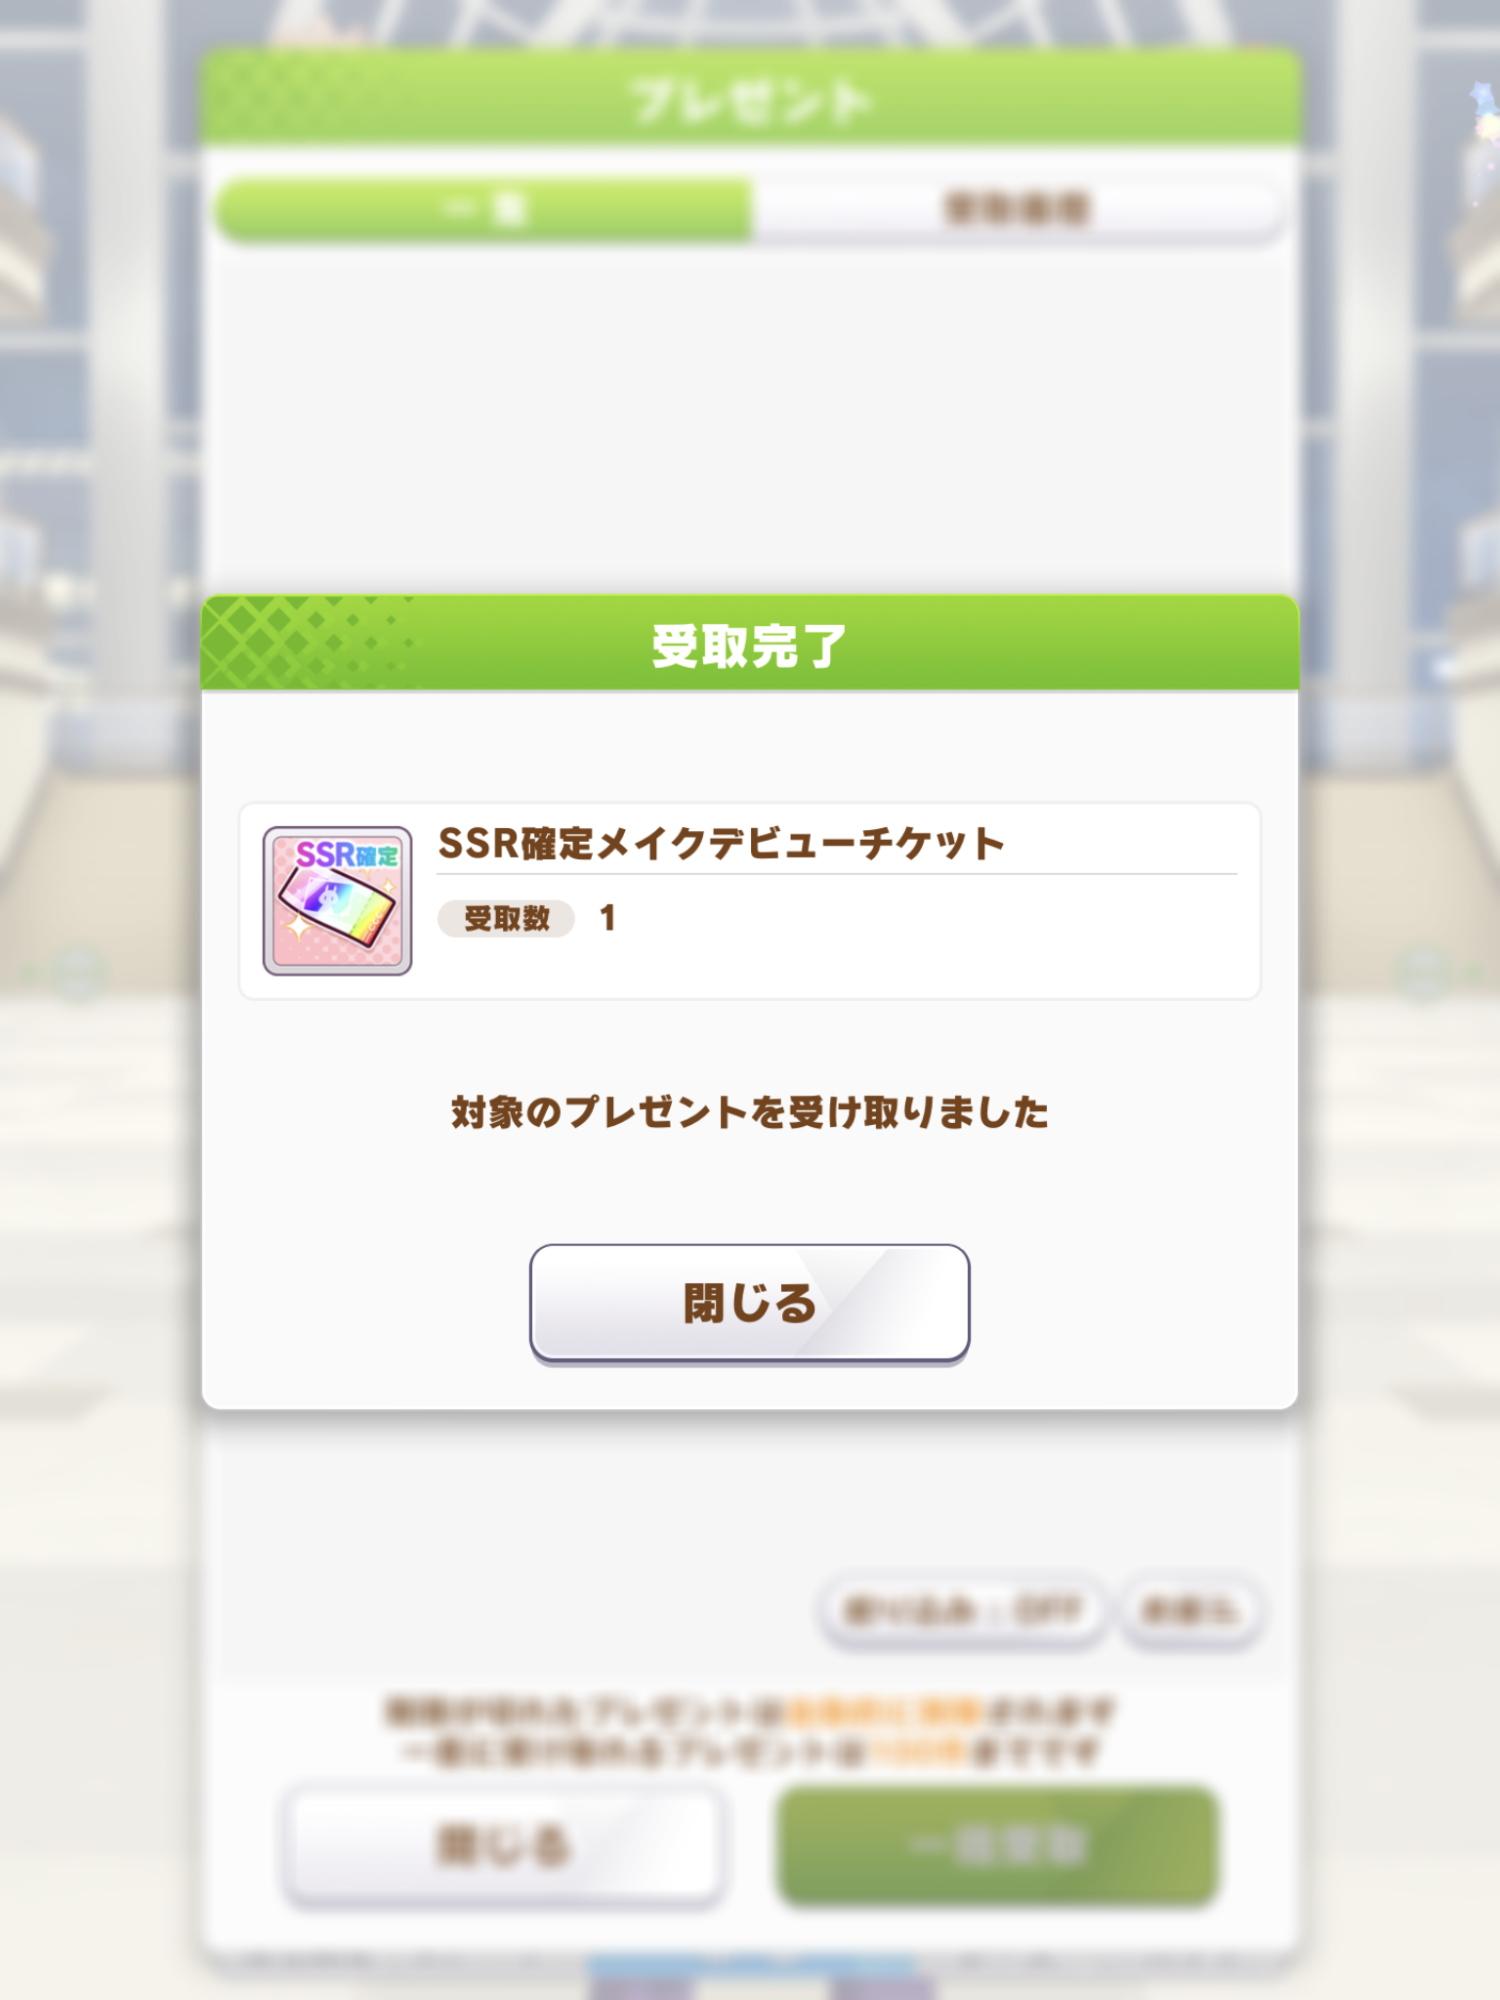 f:id:otaku4160:20210721233940j:plain